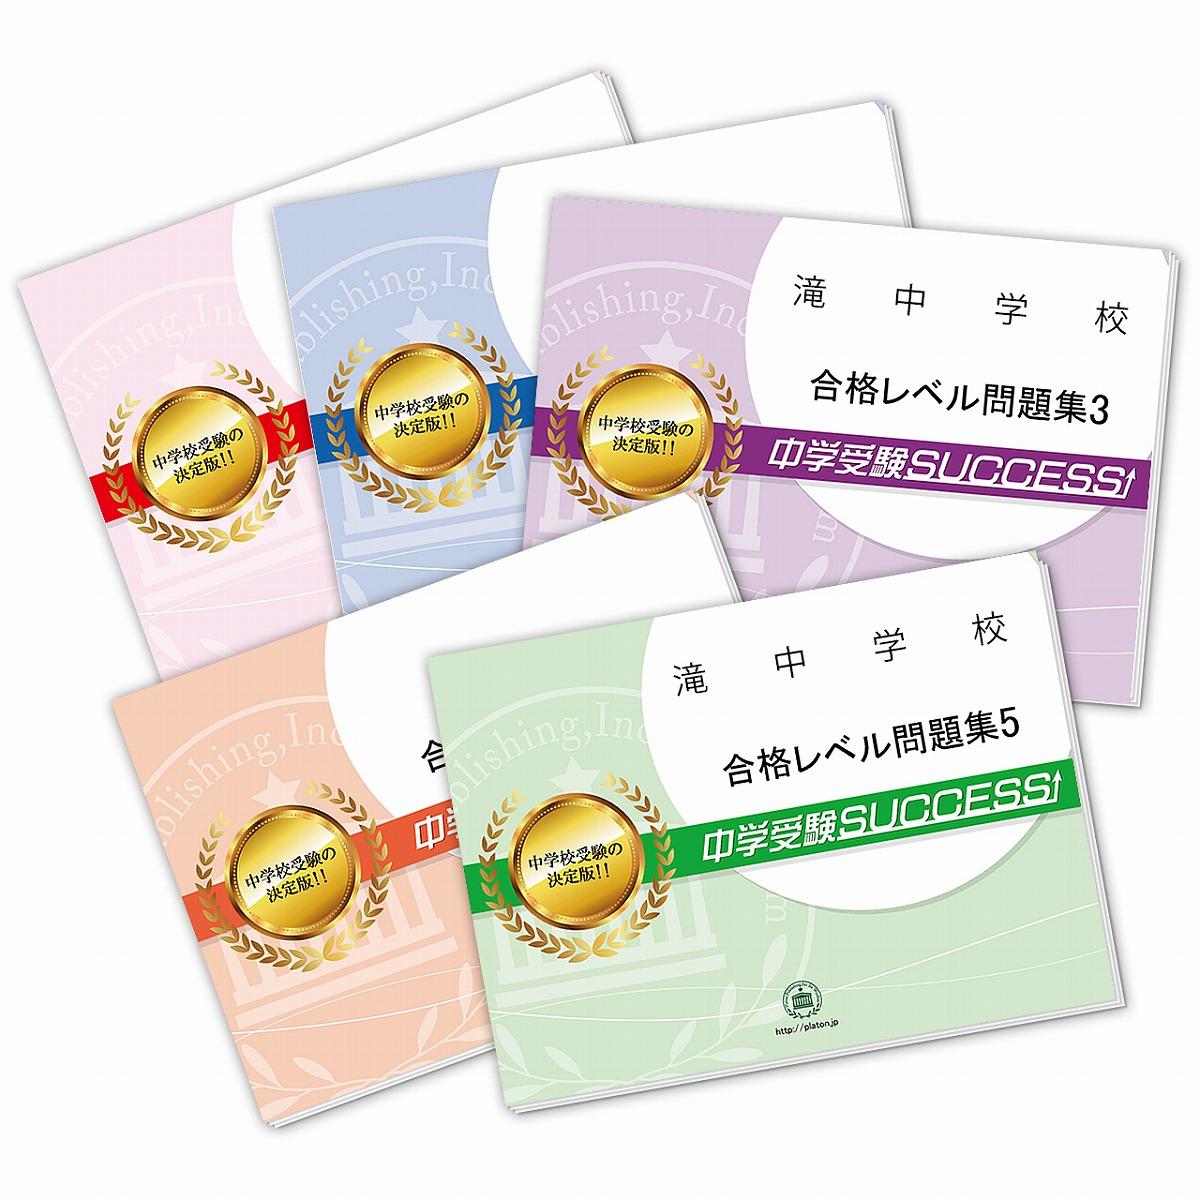 【送料・代引手数料無料】滝中学校・直前対策合格セット(5冊)